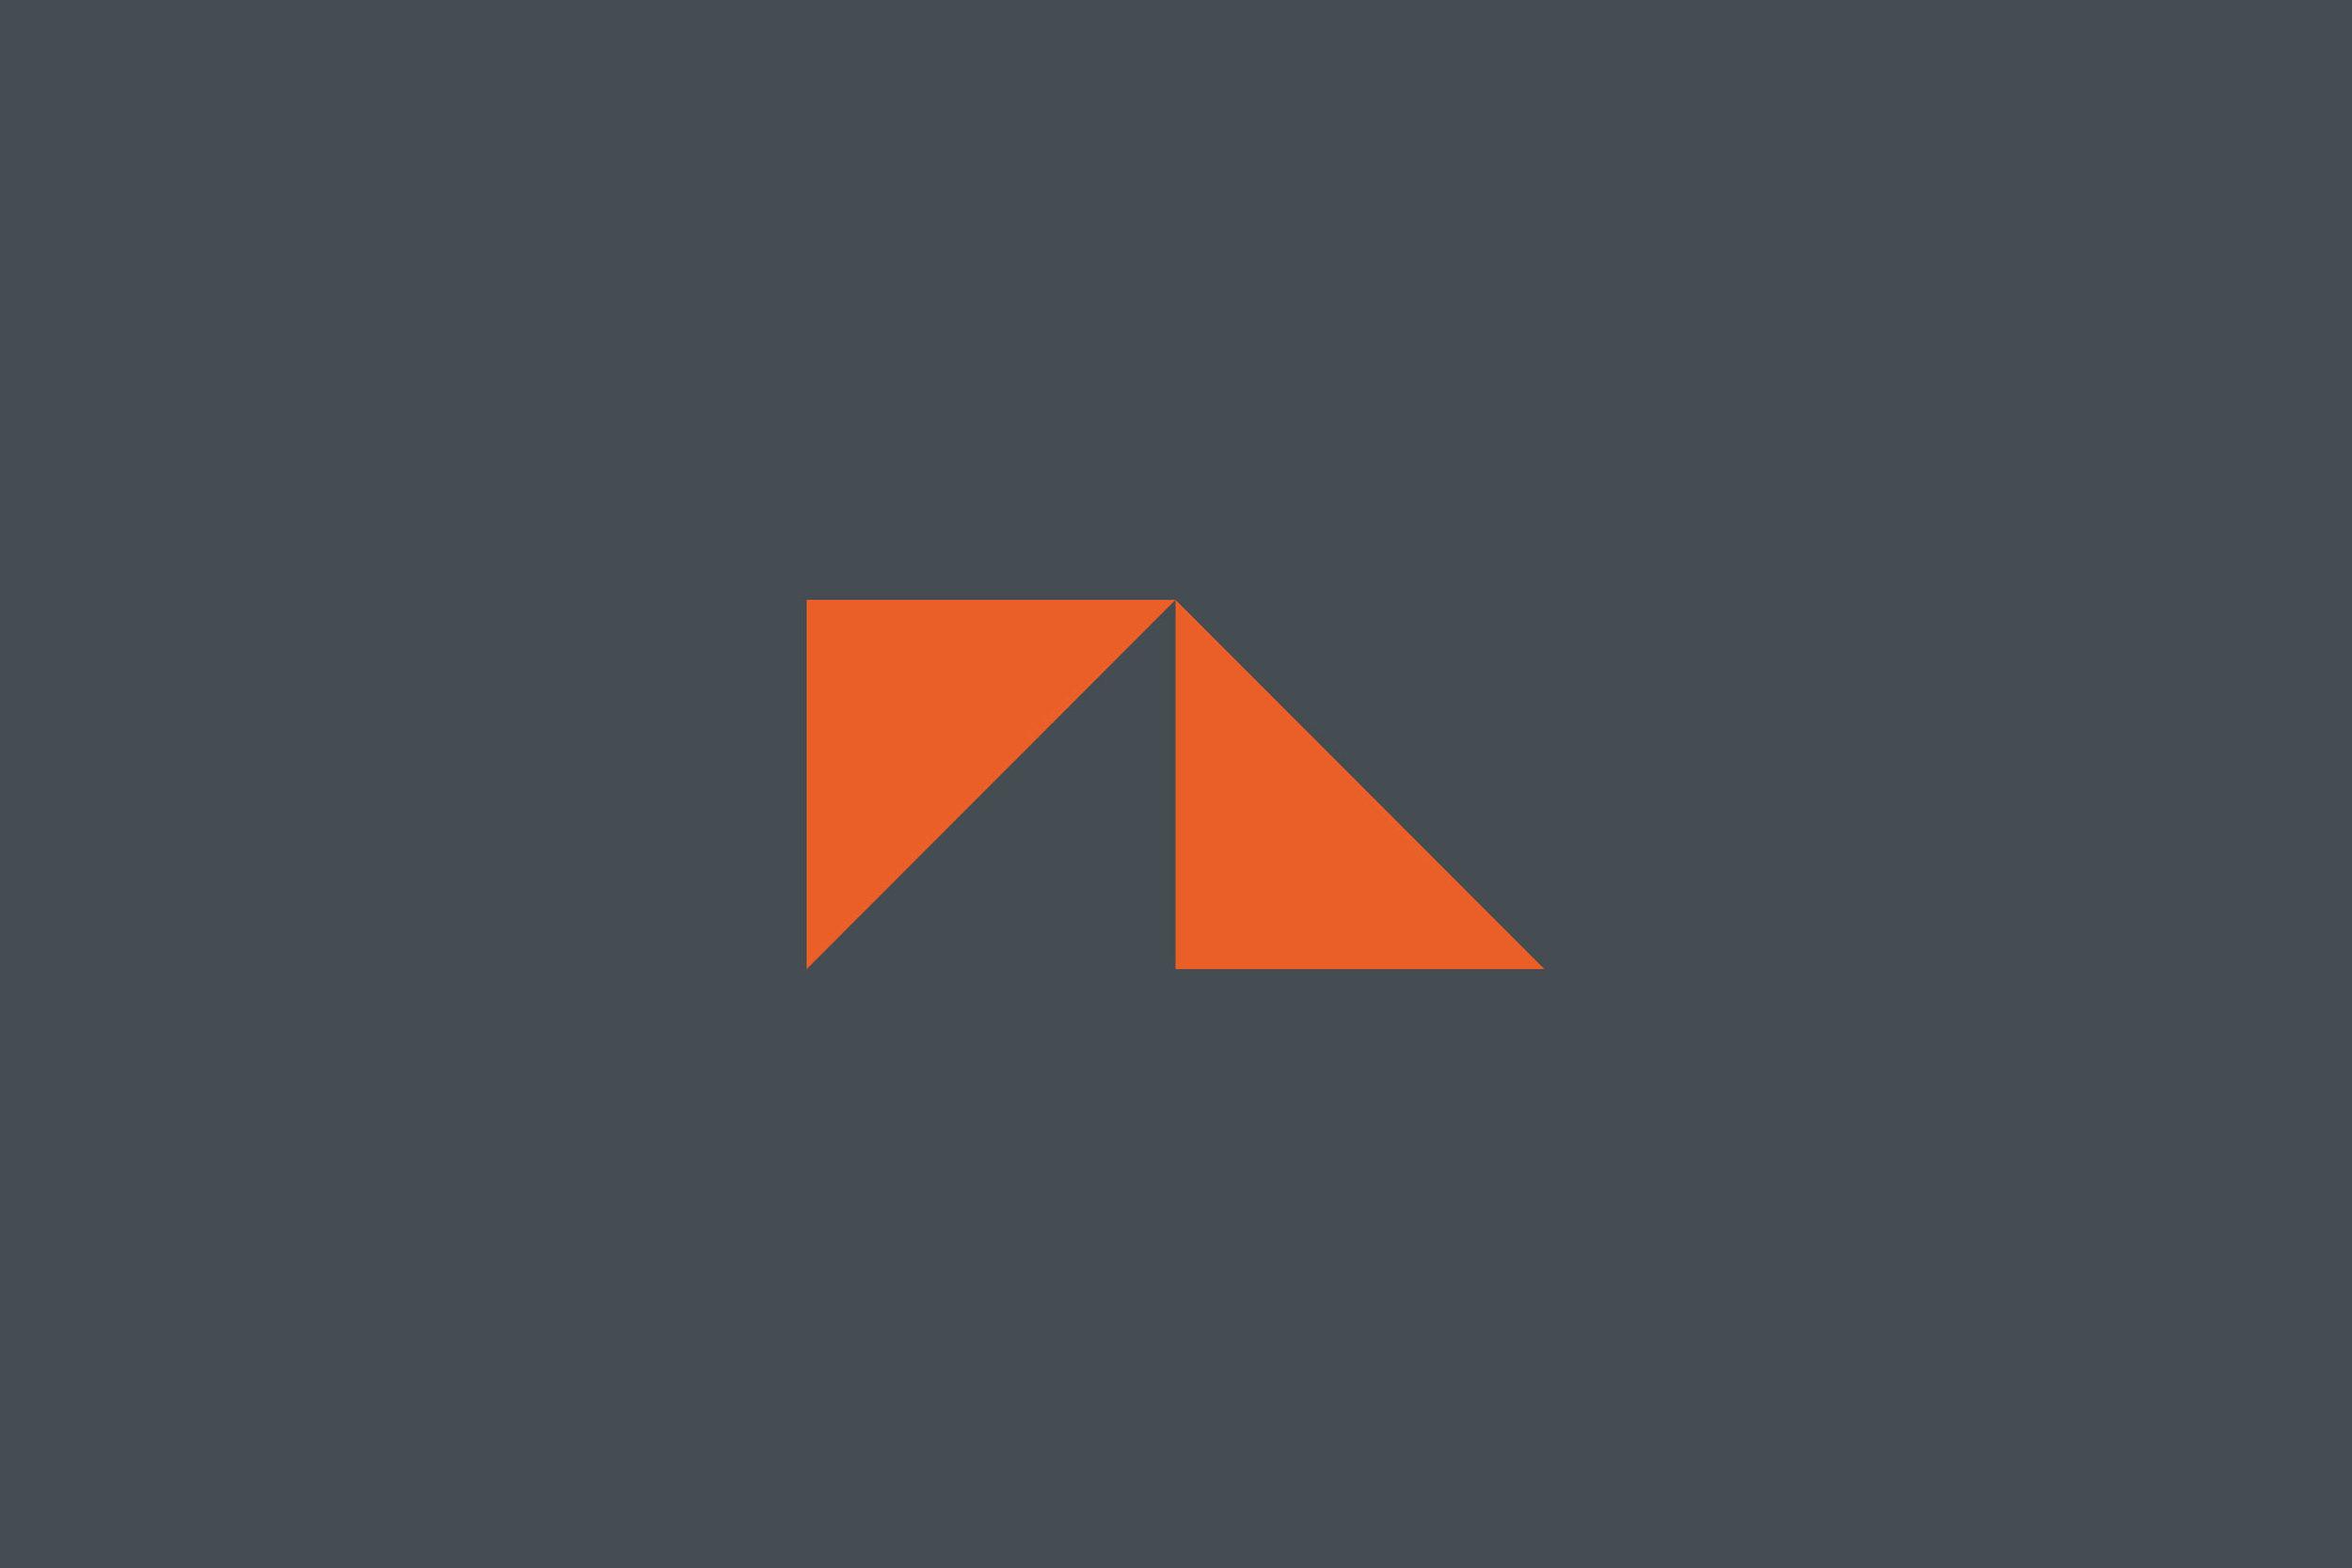 Logo branding design for Reflect Learning London